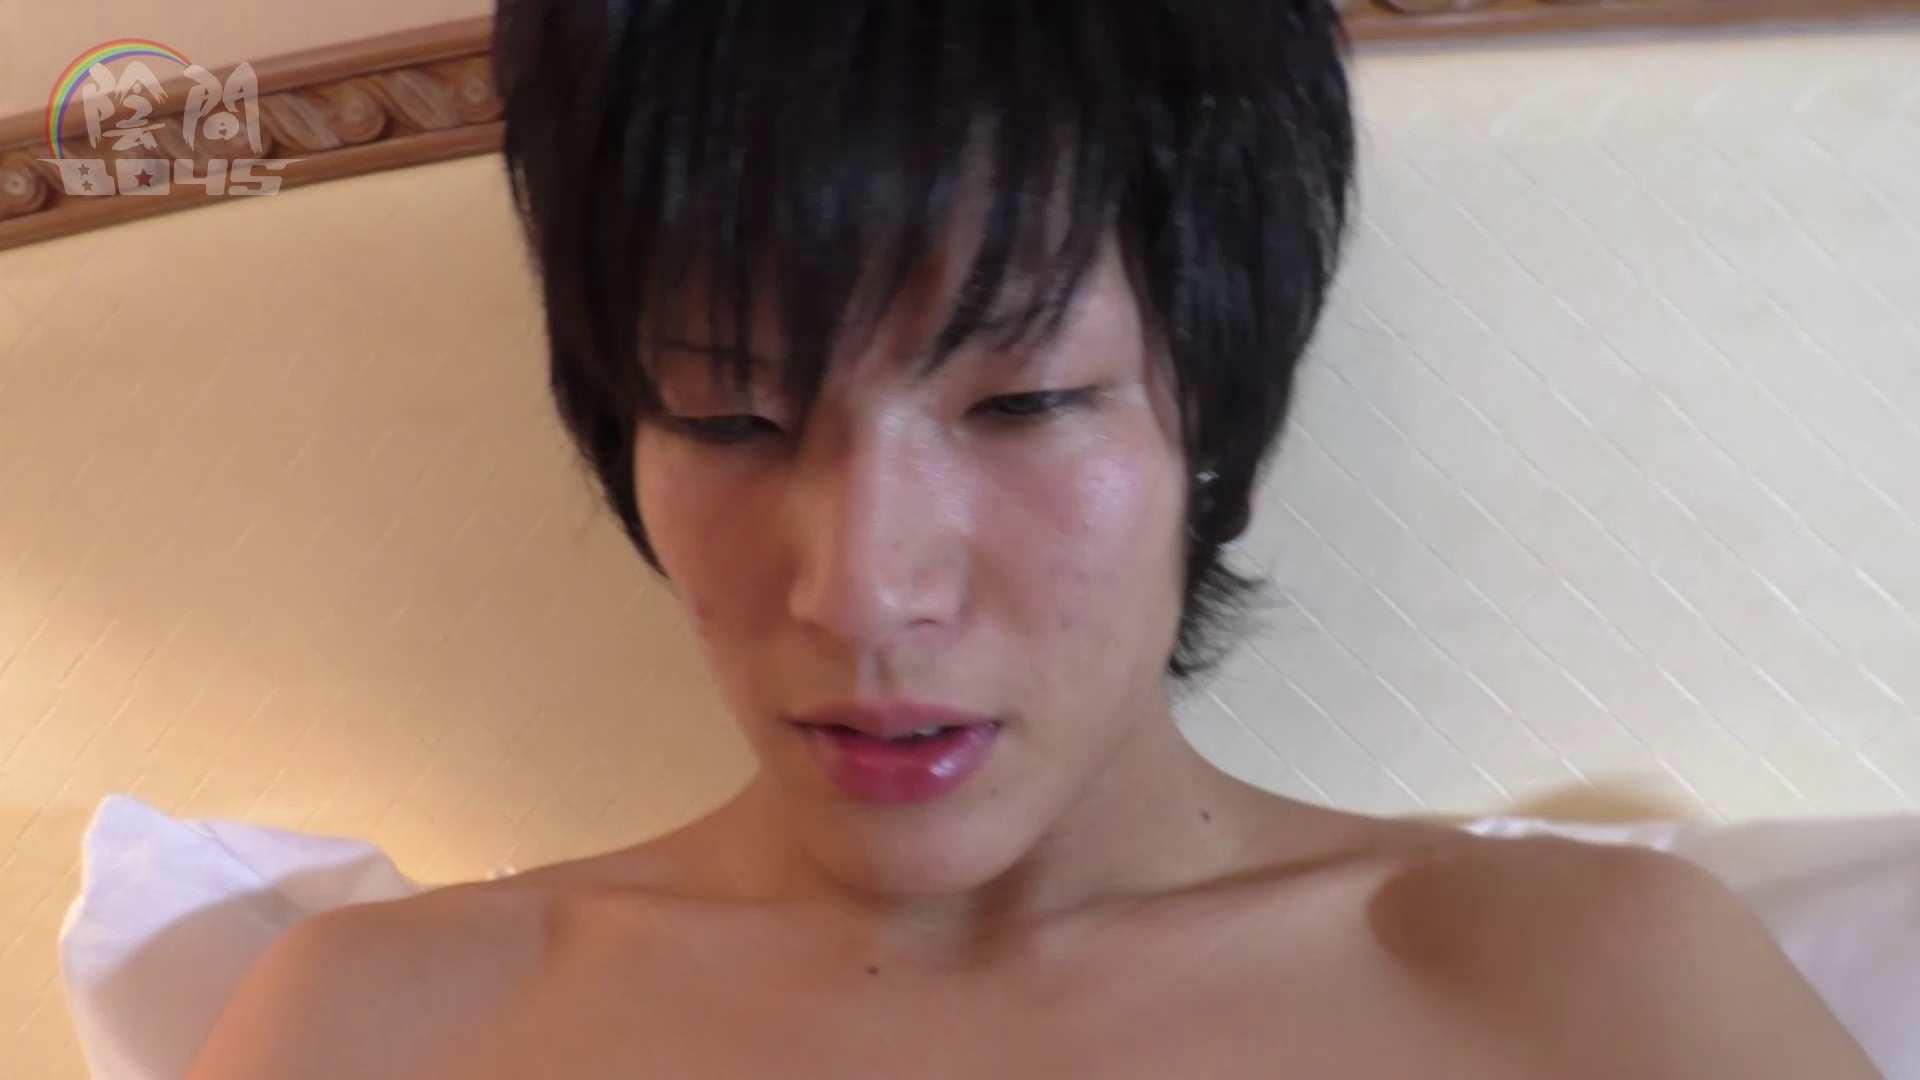 """ADのお仕事part3 part3 No.05""""アナルやばいっす"""" アナル  109pic 5"""